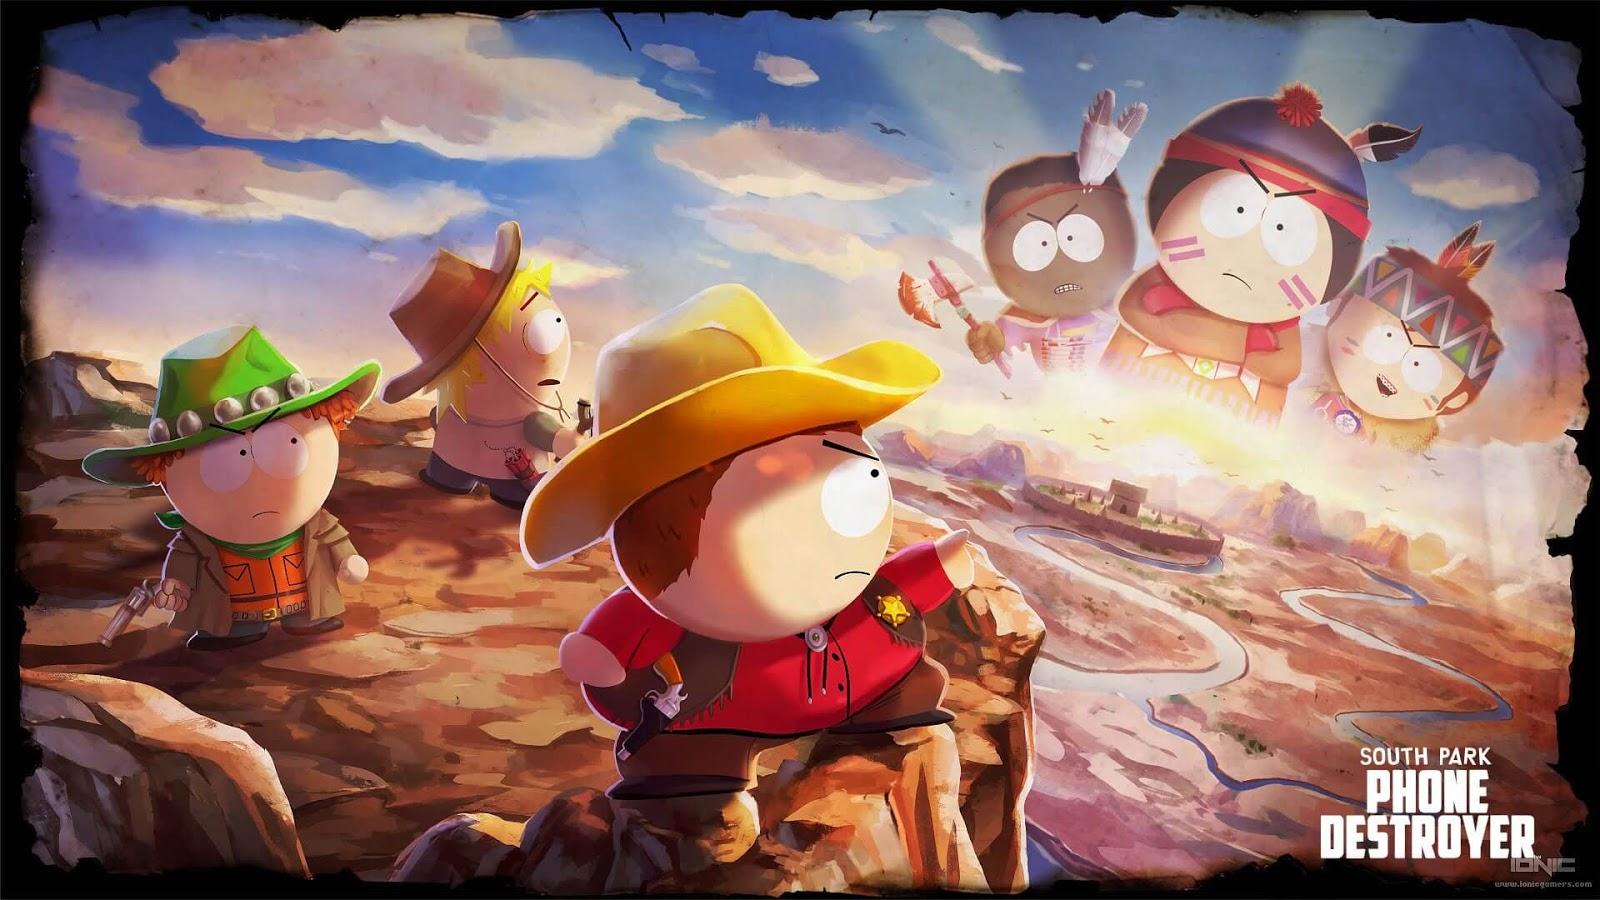 ساوث بارك تقديم عن South Park: Phone Destroyer ما هي هذه اللعبة؟